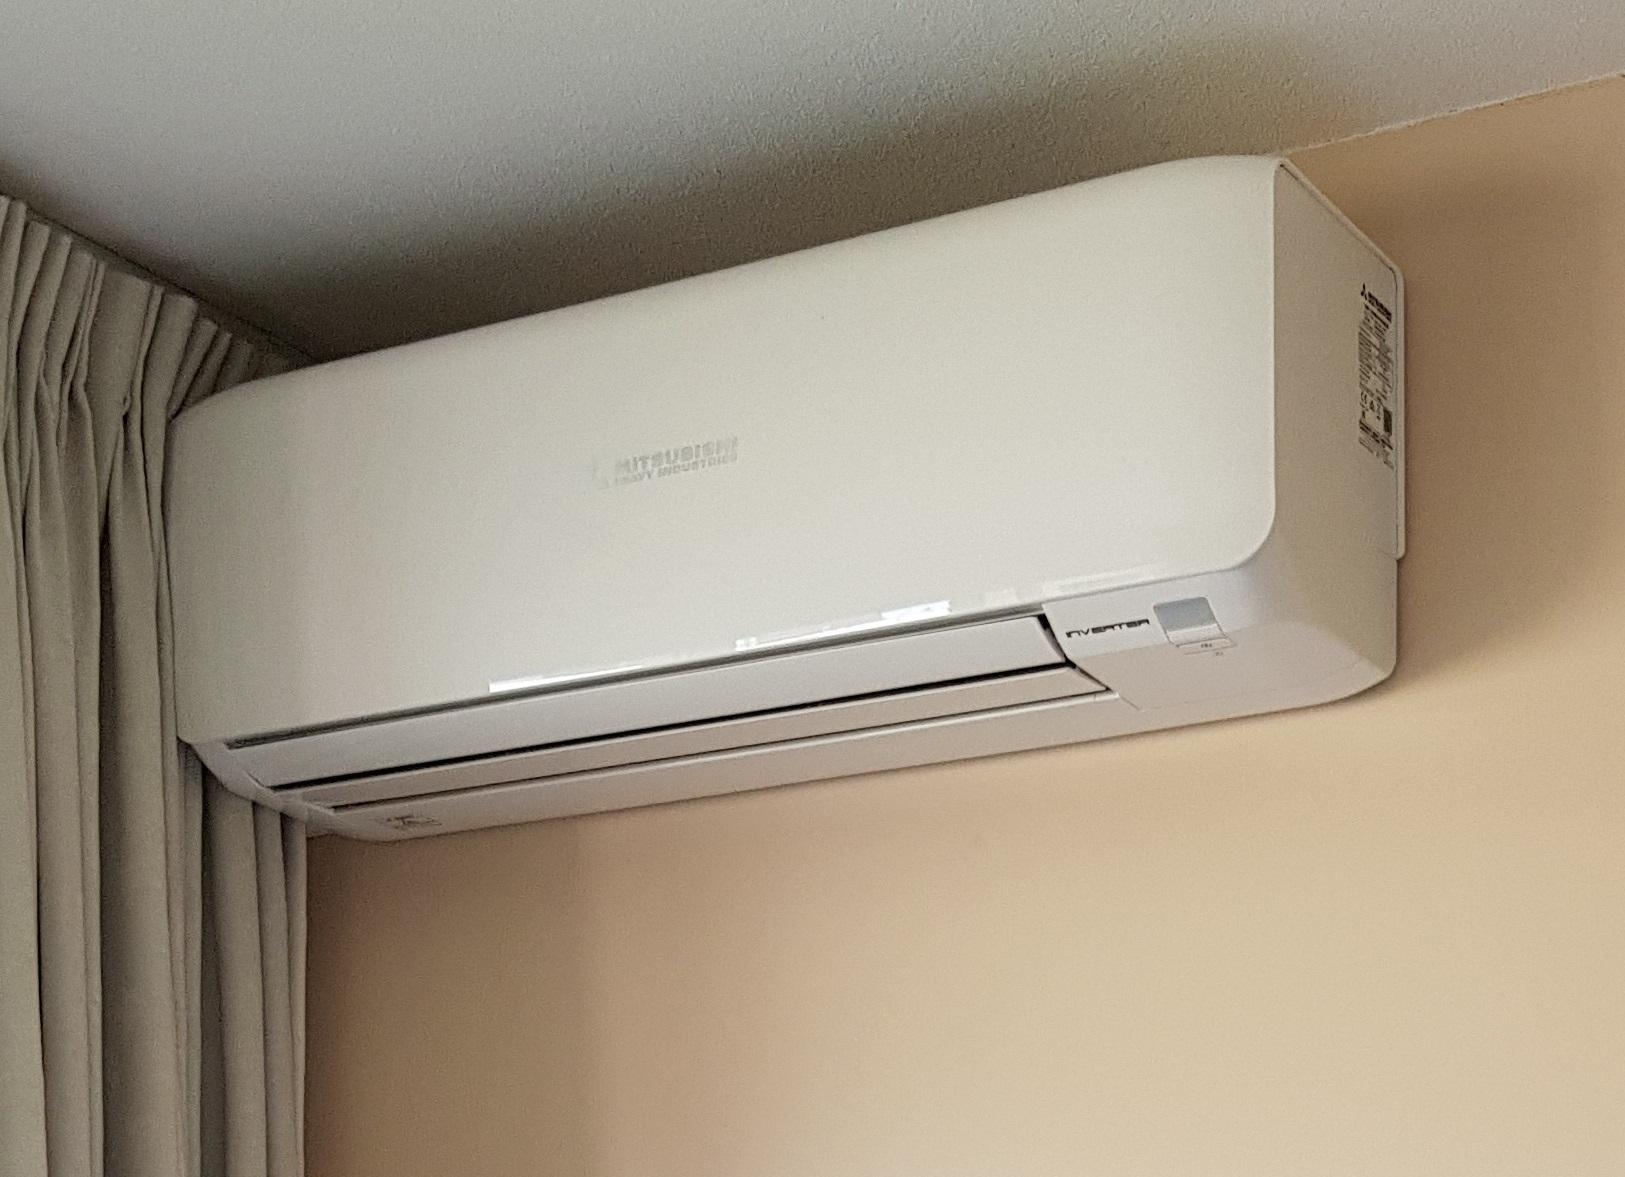 Airconditioning In Slaapkamer : Grispen techniek installaties